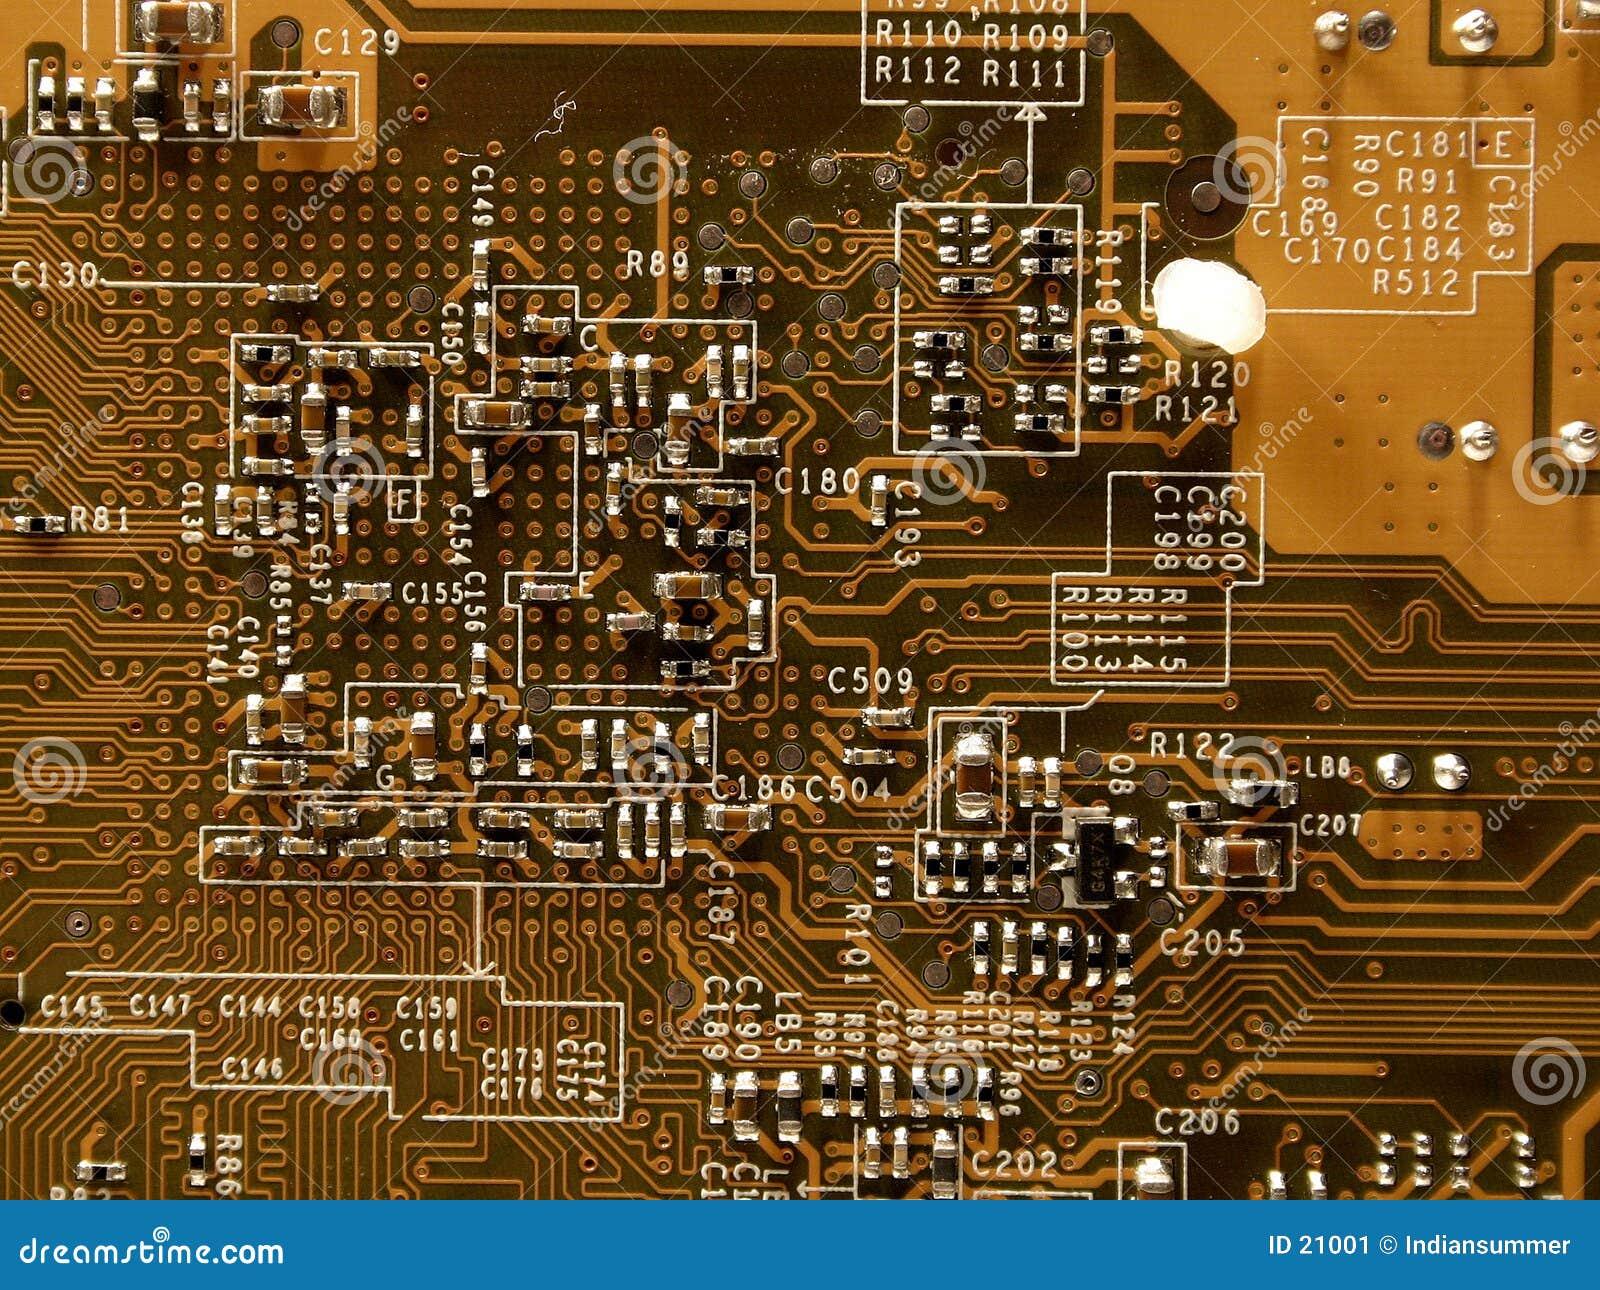 Videocard микросхемы ii